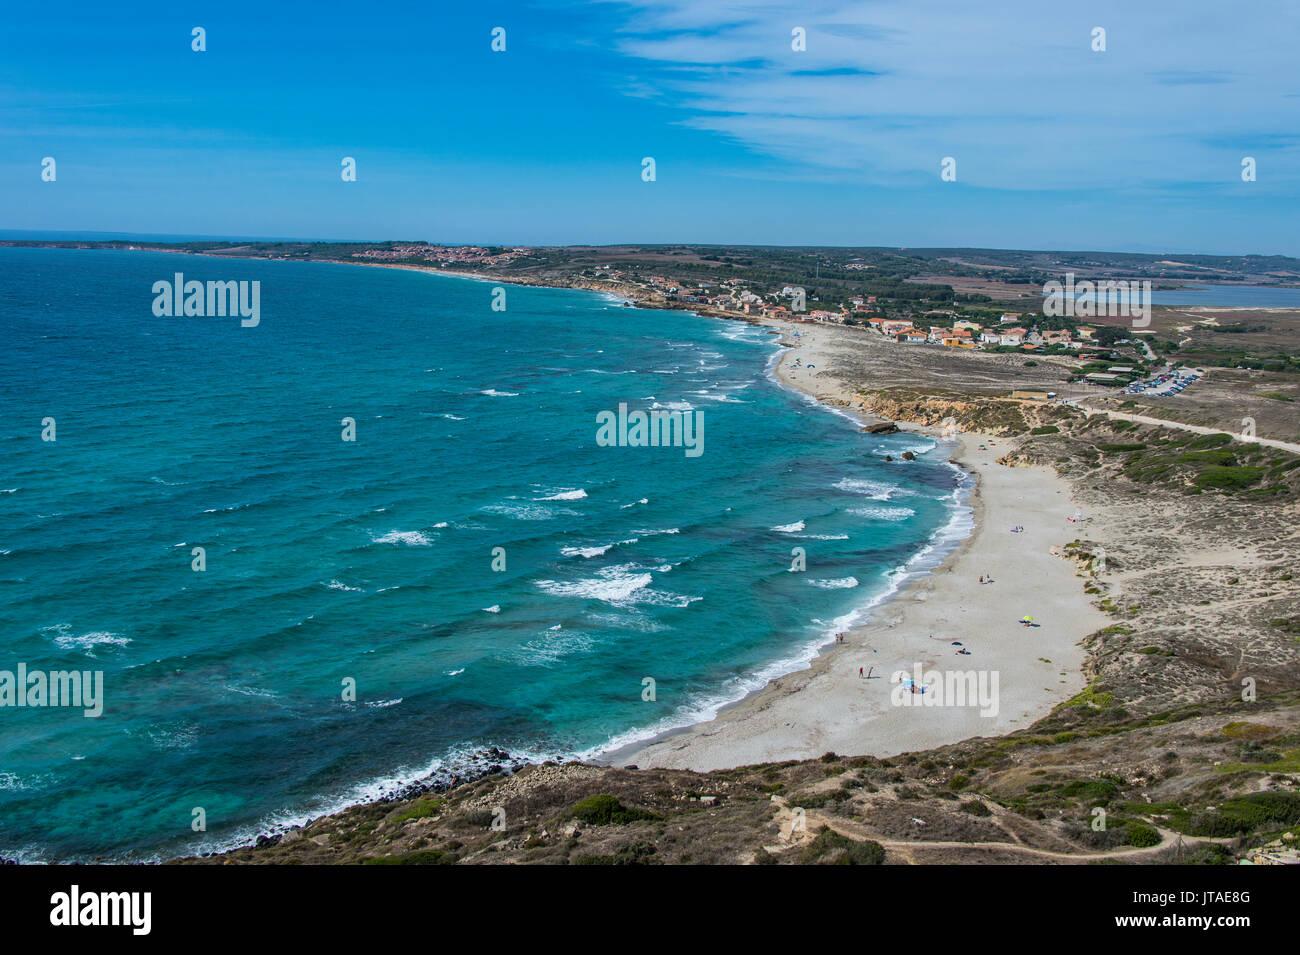 Vista sobre la playa de Cap San Marco, San Giovanni di Sinis, Cerdeña, Italia, Mediterráneo, Europa Imagen De Stock